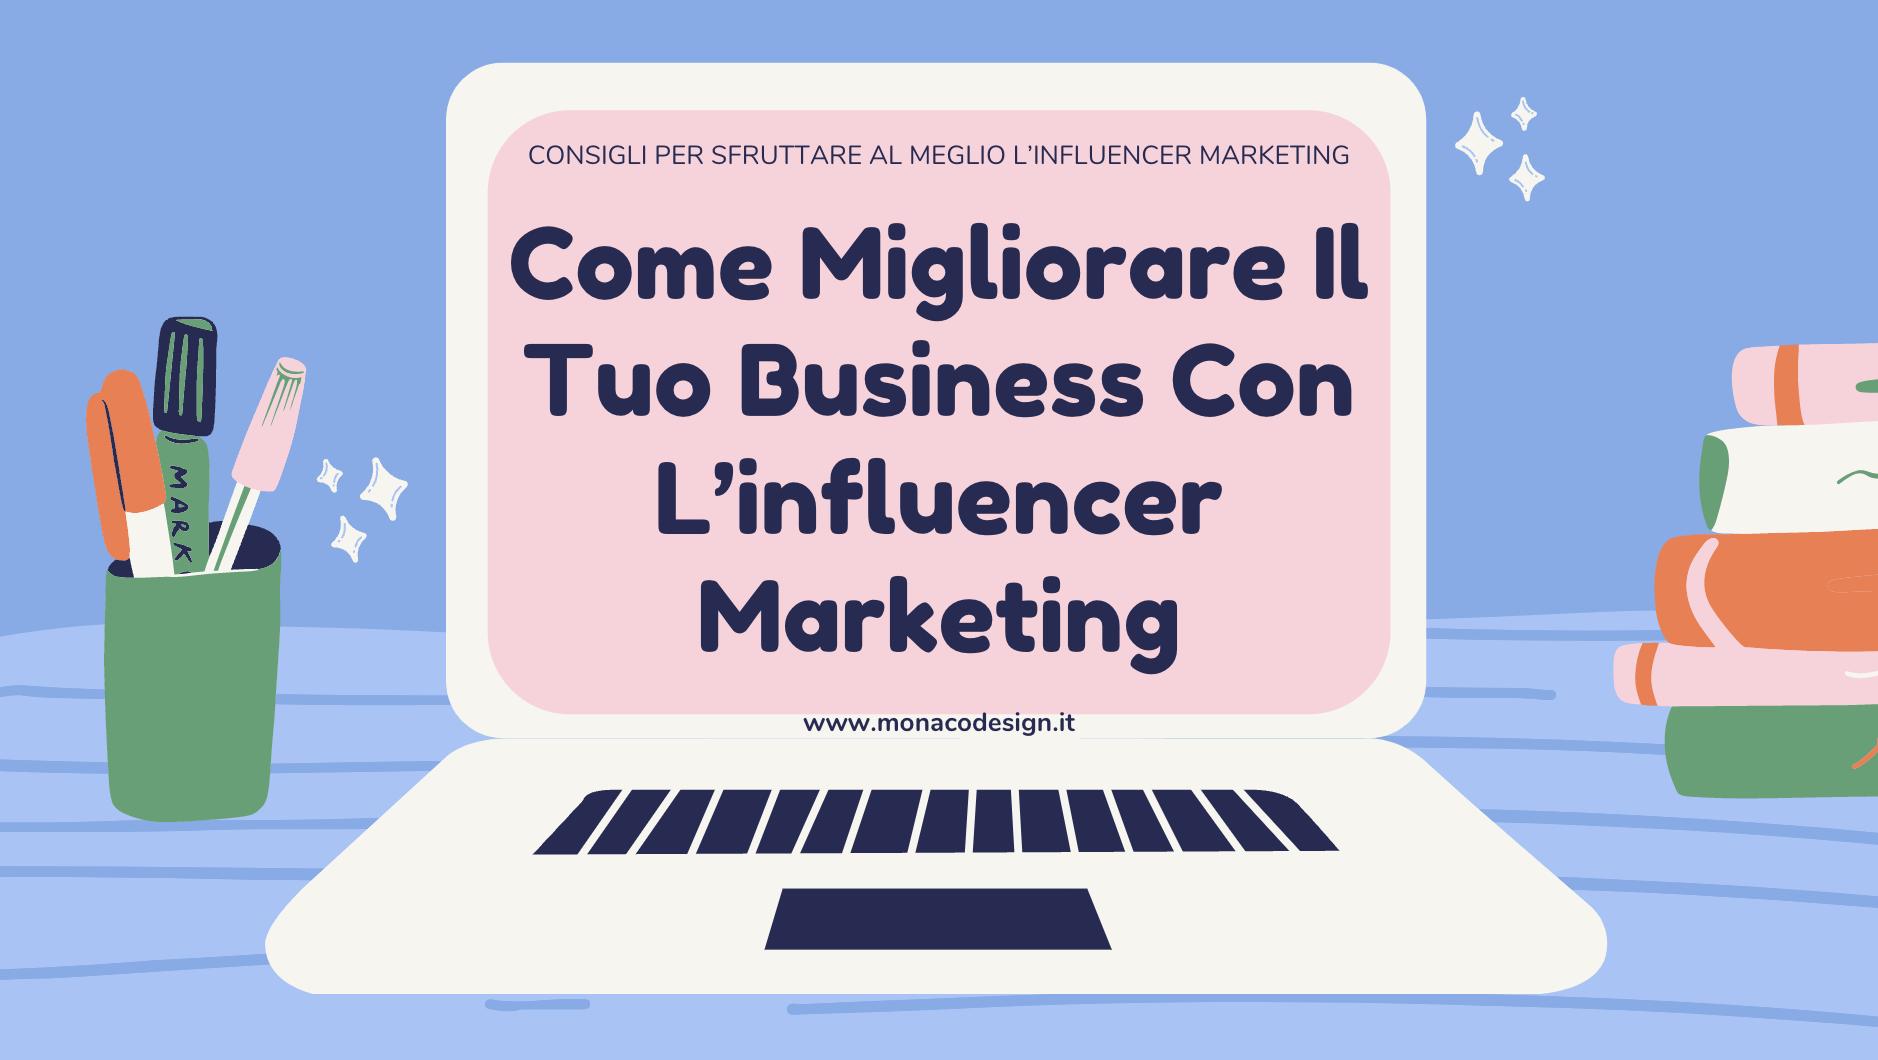 Come Migliorare Il Tuo Business Con L'influencer Marketing